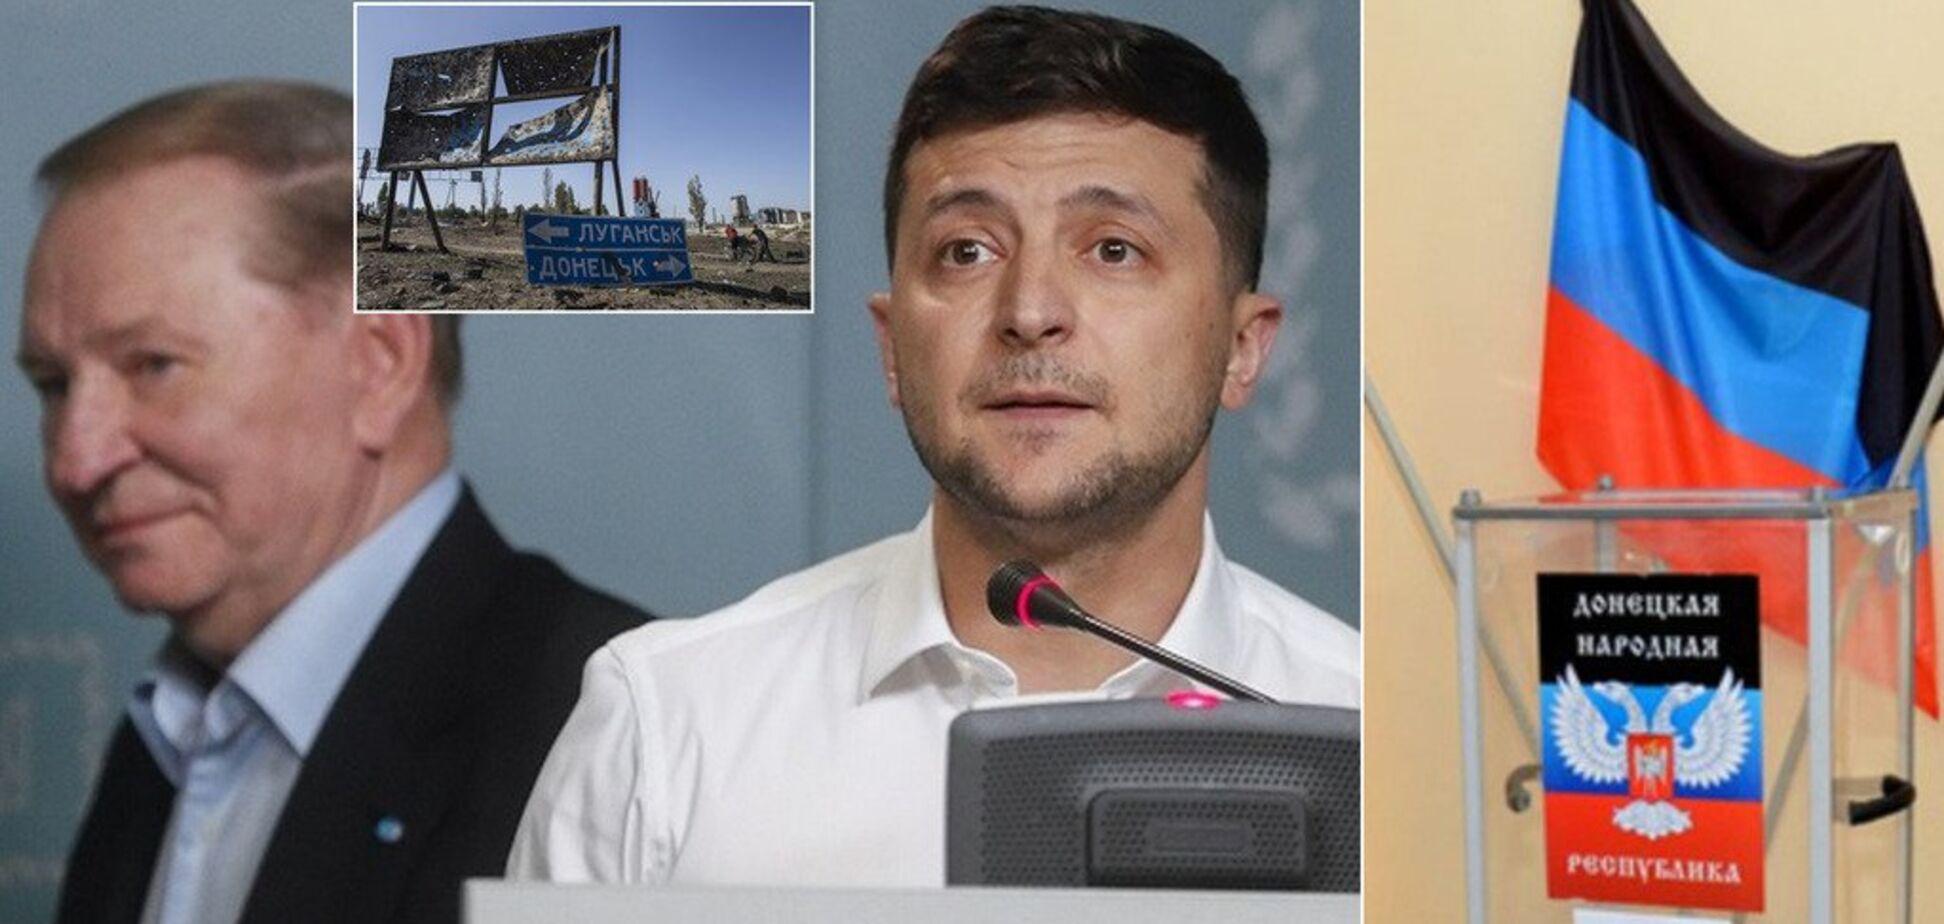 Капітуляція чи кінець війни? Що чекає Україну через 'формулу Штайнмаєра'